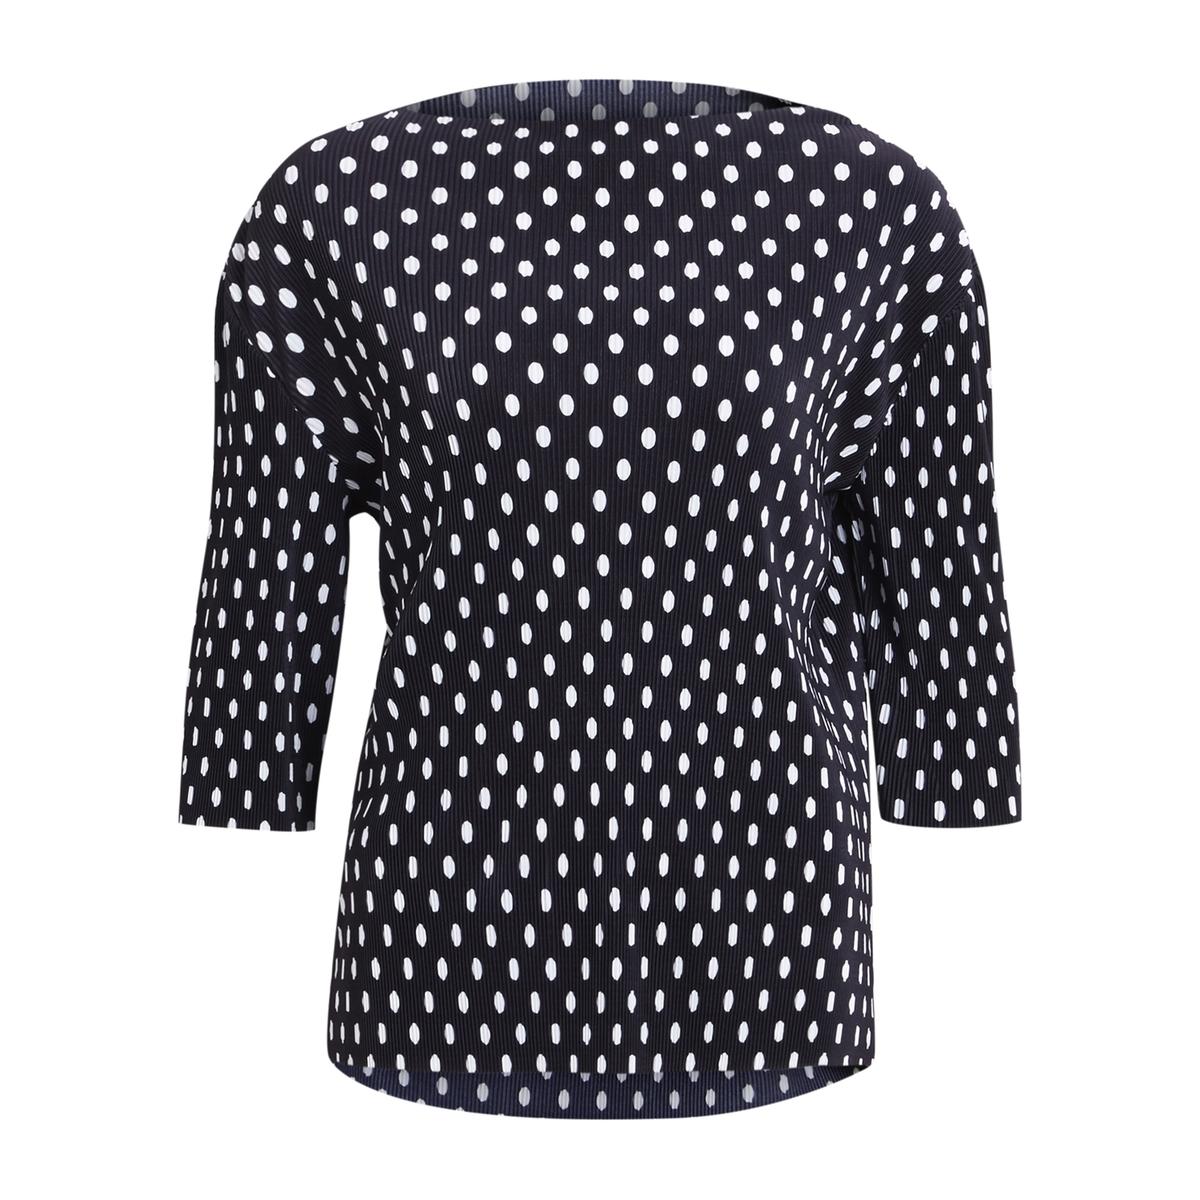 Блузка в горох с рукавами 3/4Детали •  Рукава 3/4 •  Без воротника •  Рисунок в горошекСостав и уход •  100% полиэстер •  Следуйте советам по уходу, указанным на этикетке<br><br>Цвет: в горошек/фон темно-синий<br>Размер: XL